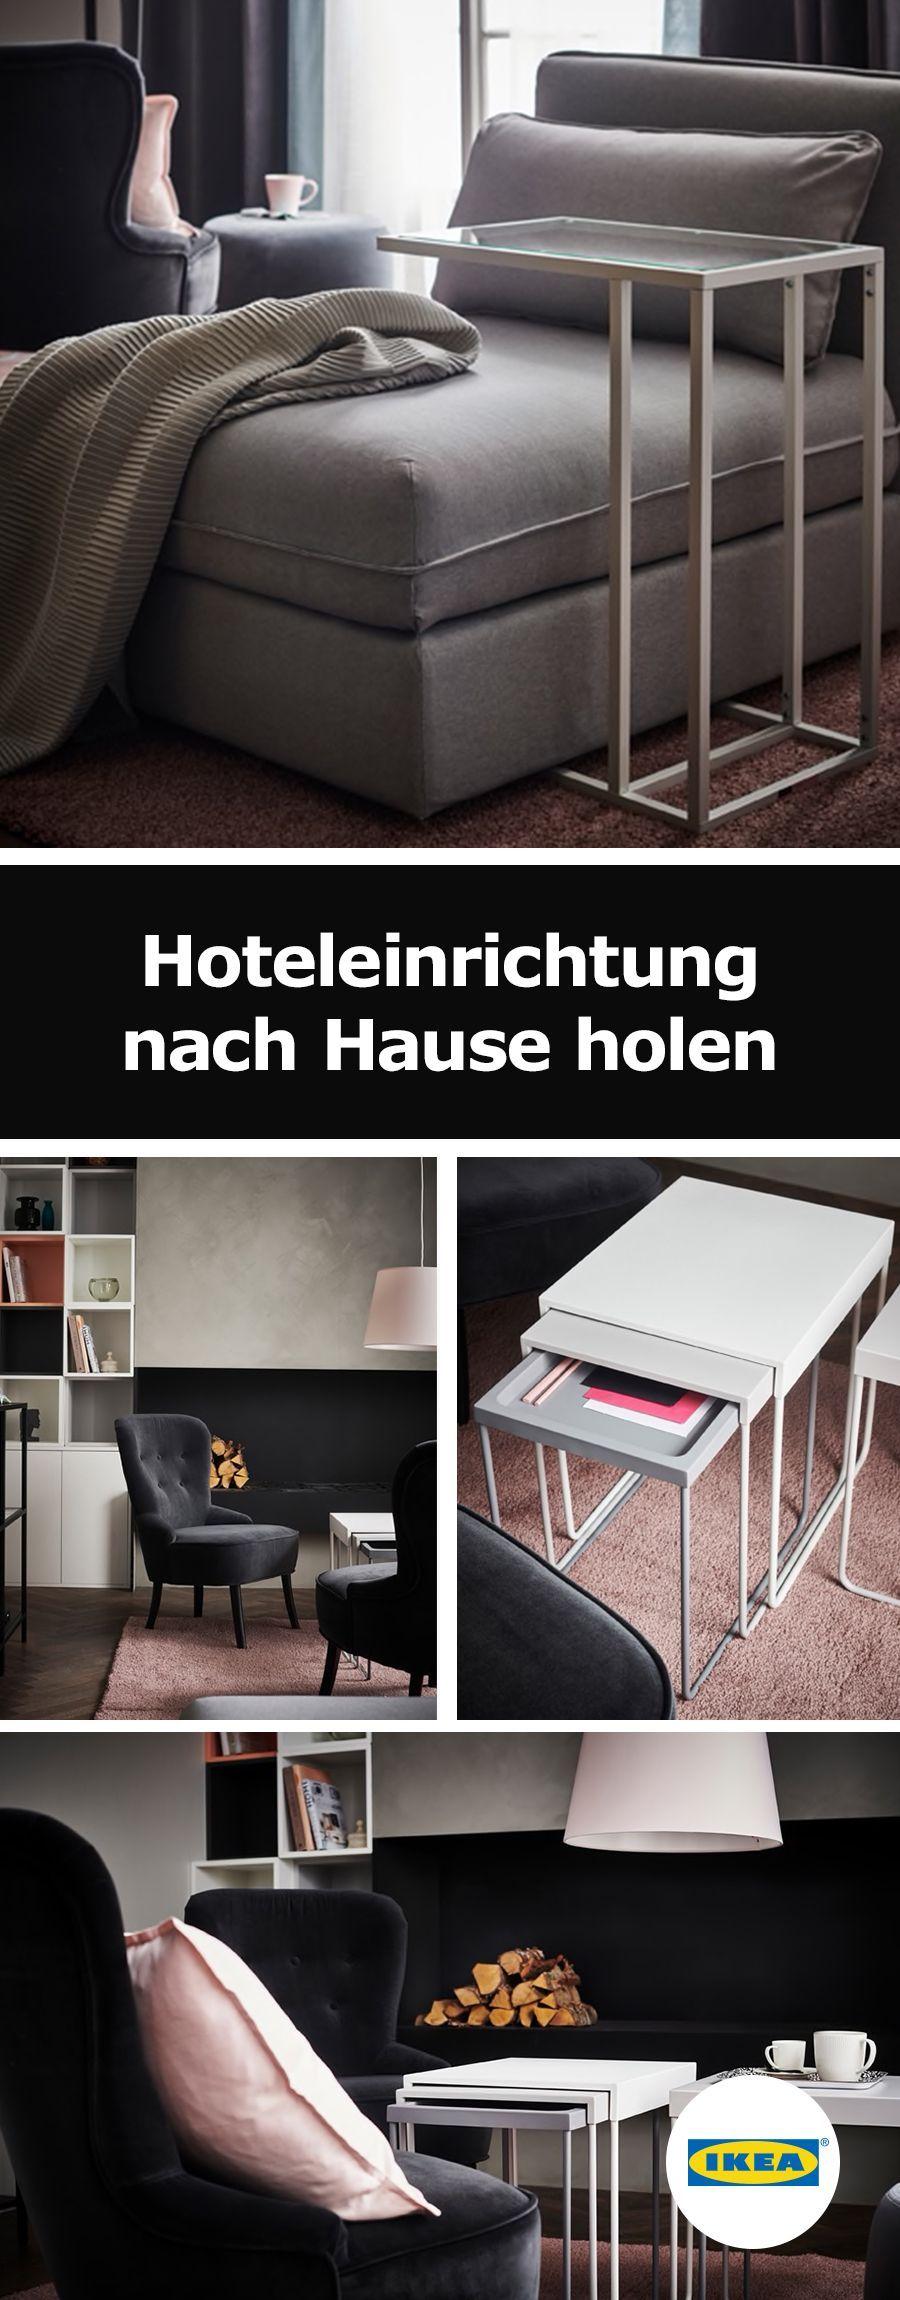 IKEA Deutschland | Hotellounges haben auch für dich etwas Unwiderstehliches? Dann nimm ihre Atmosphäre doch einfach mit nach Hause! #meinIKEA #IKEA #Wohnzimmer #Trend2018 #Interior #wohnideen #ikeadeutschlandweihnachten IKEA Deutschland | Hotellounges haben auch für dich etwas Unwiderstehliches? Dann nimm ihre Atmosphäre doch einfach mit nach Hause! #meinIKEA #IKEA #Wohnzimmer #Trend2018 #Interior #wohnideen #ikeadeutschlandweihnachten